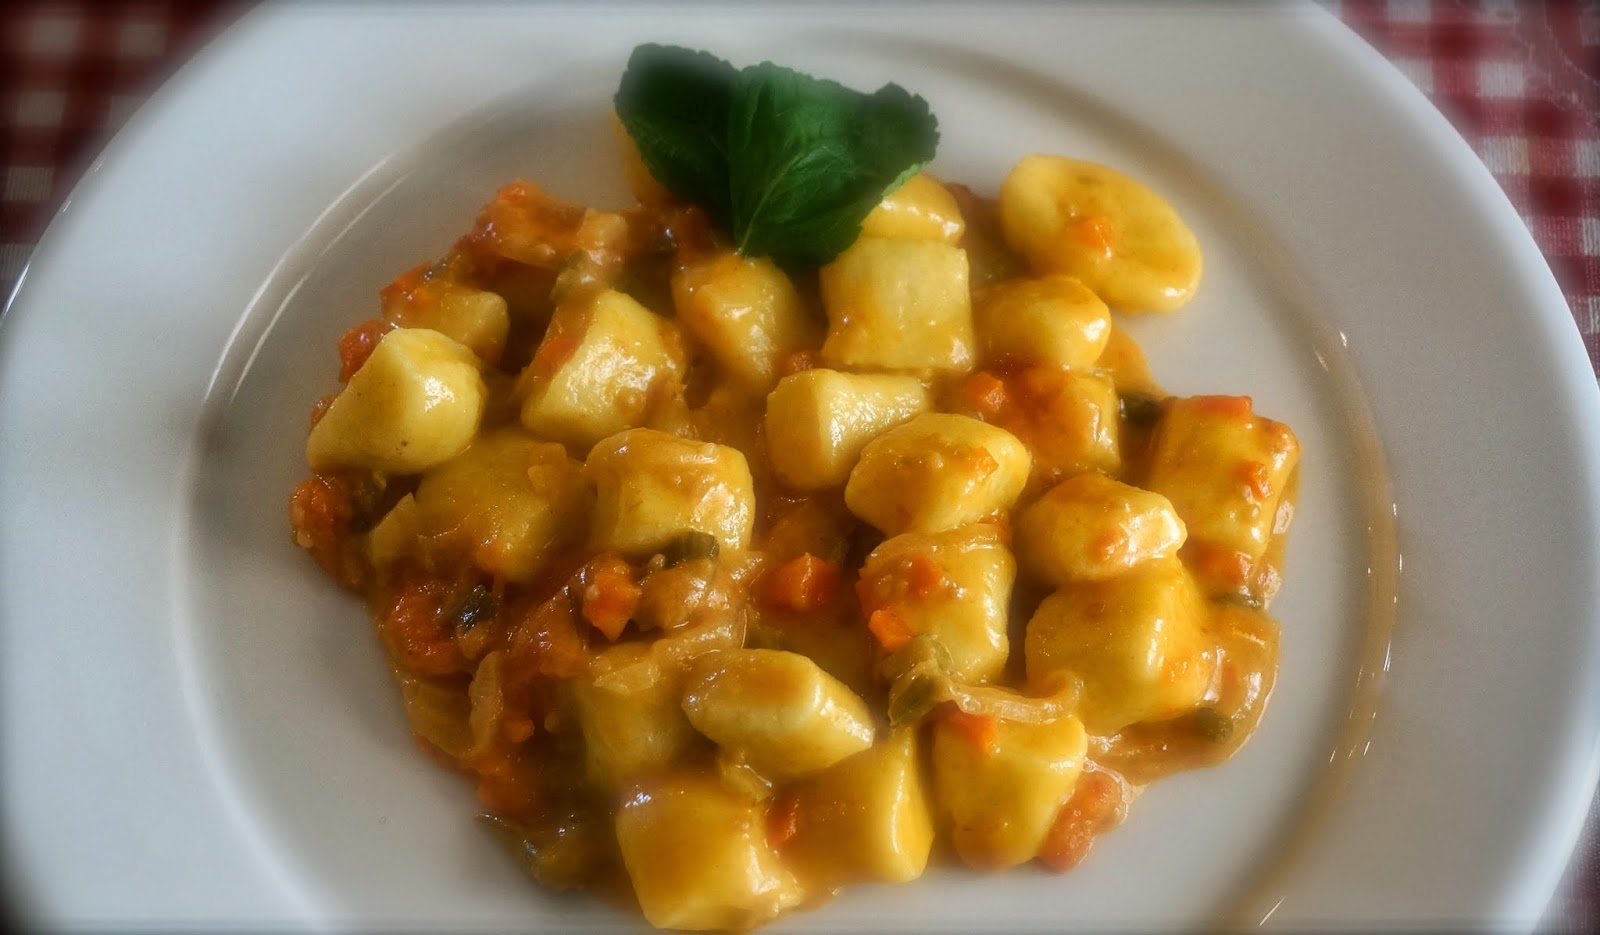 impara a cucinare come uno chef: gnocchi di patate al pomodoro e ... - Come Cucinare Gli Gnocchi Di Patate